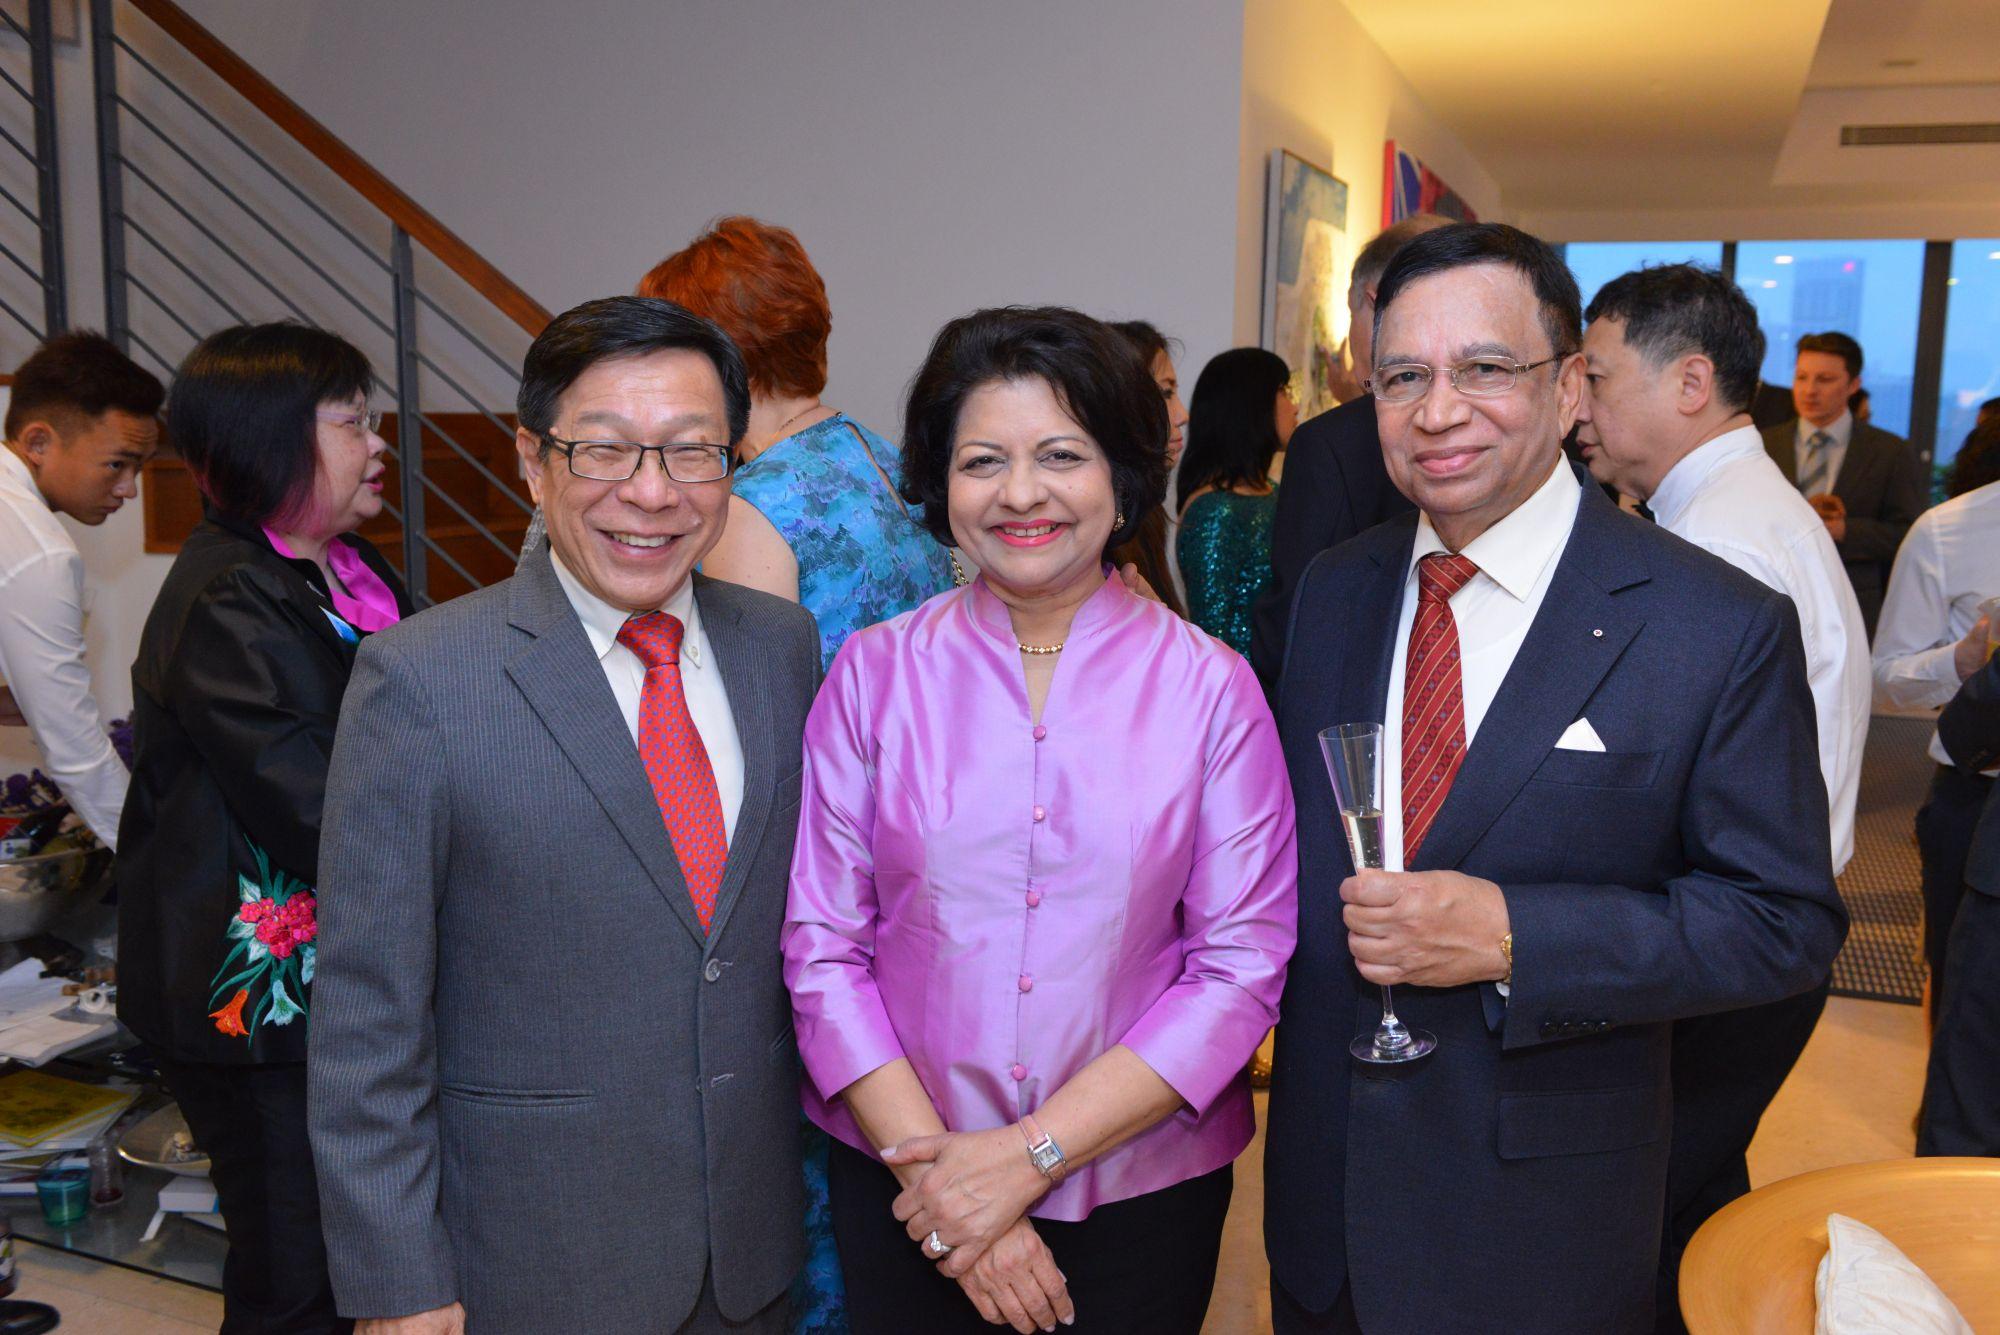 Mah Bow Tan, Jaya Mohideen, MPH Rubin